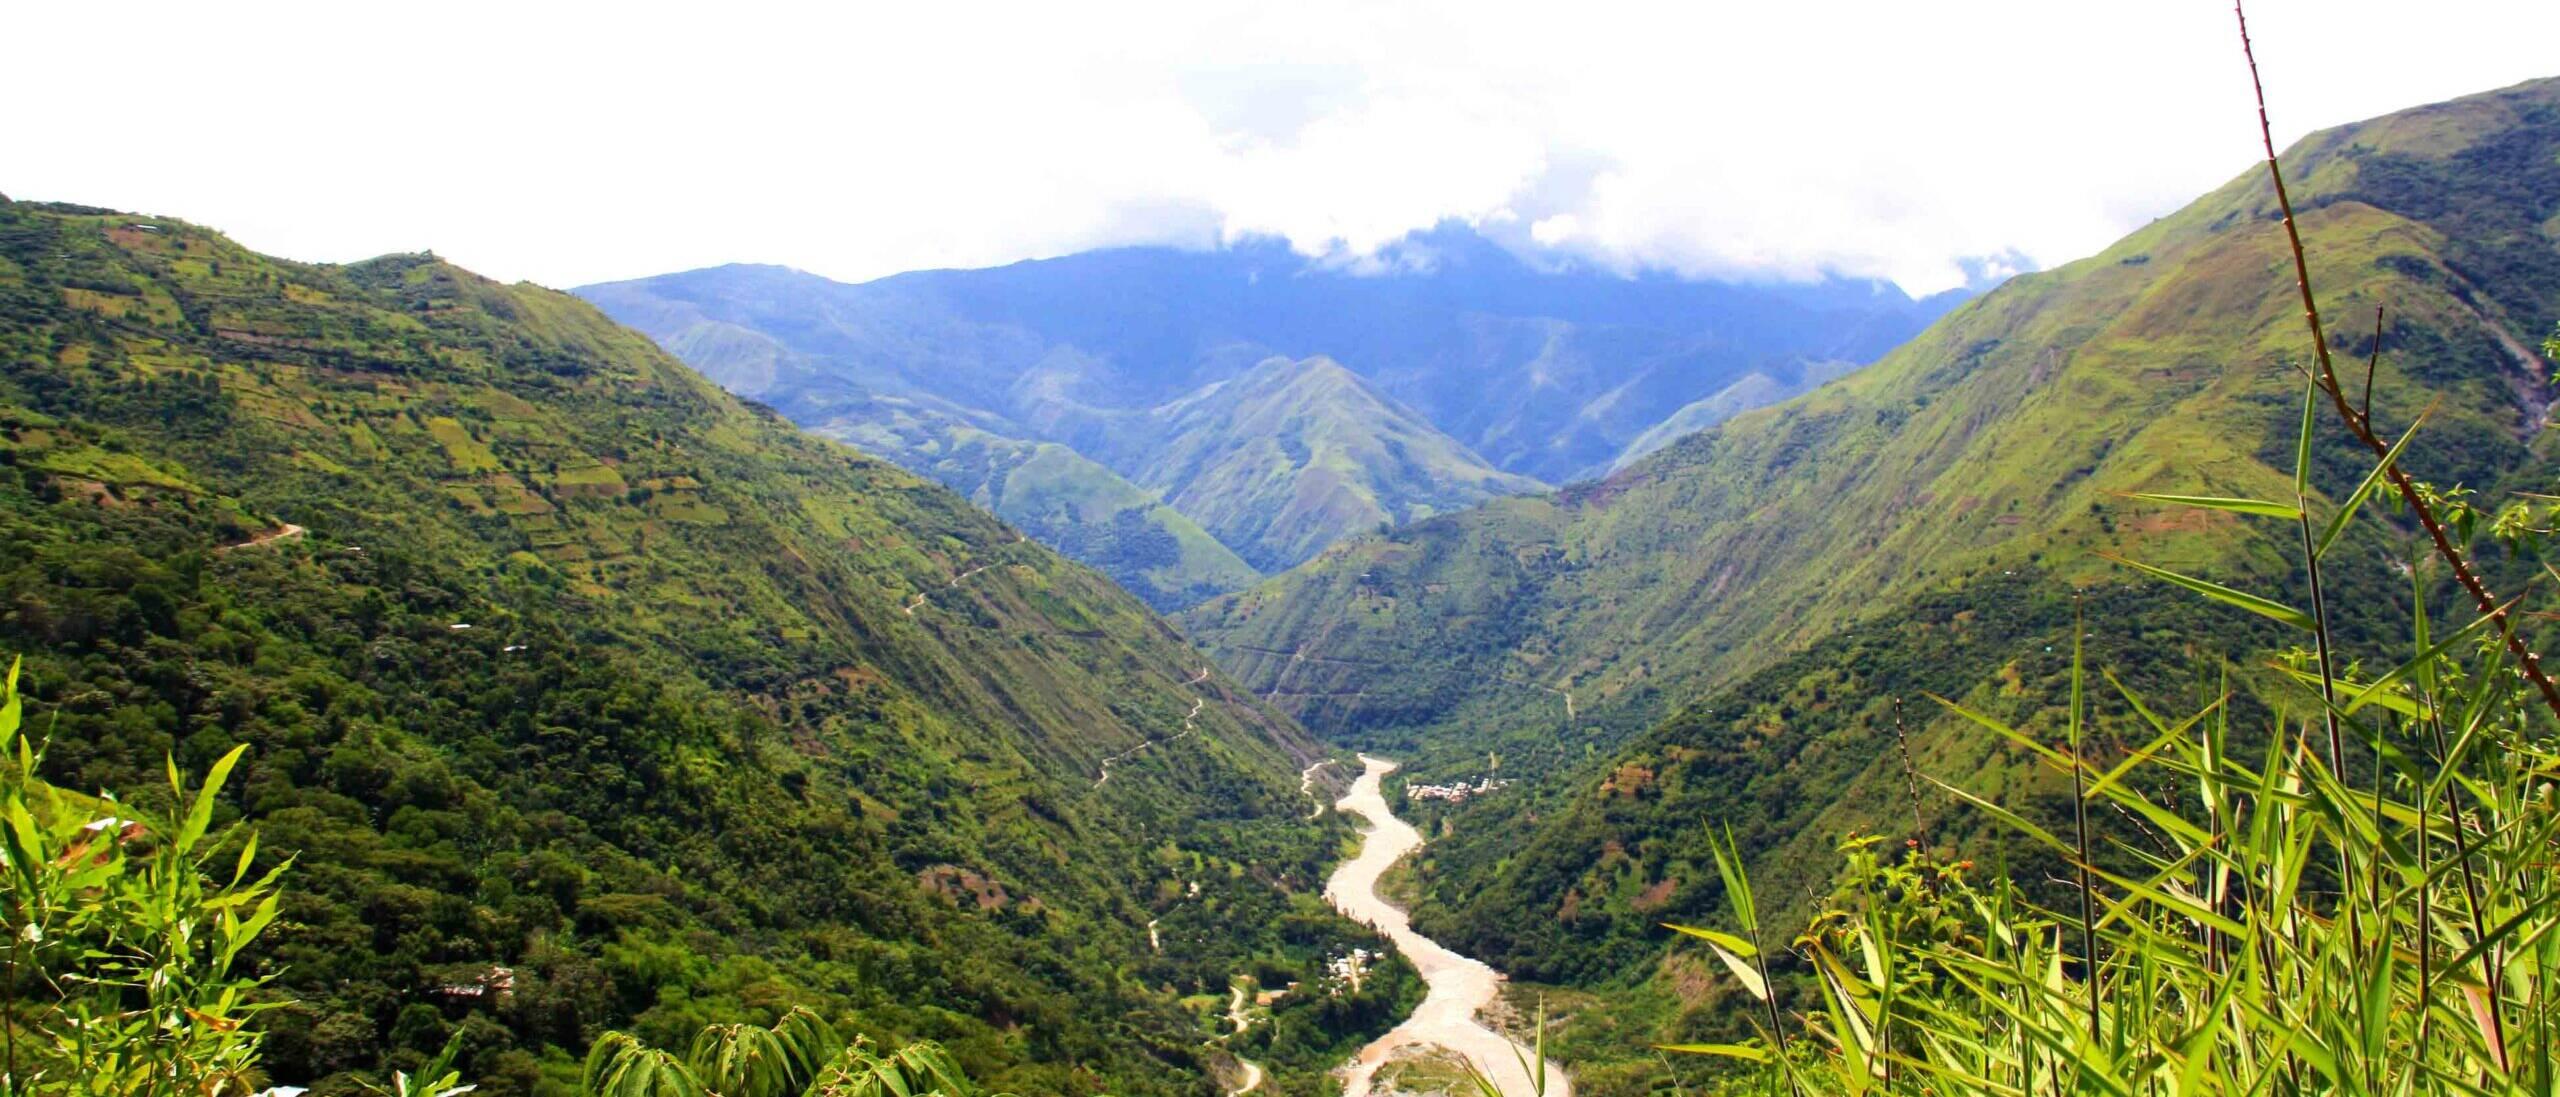 Inca Jungle Trail views in Peru